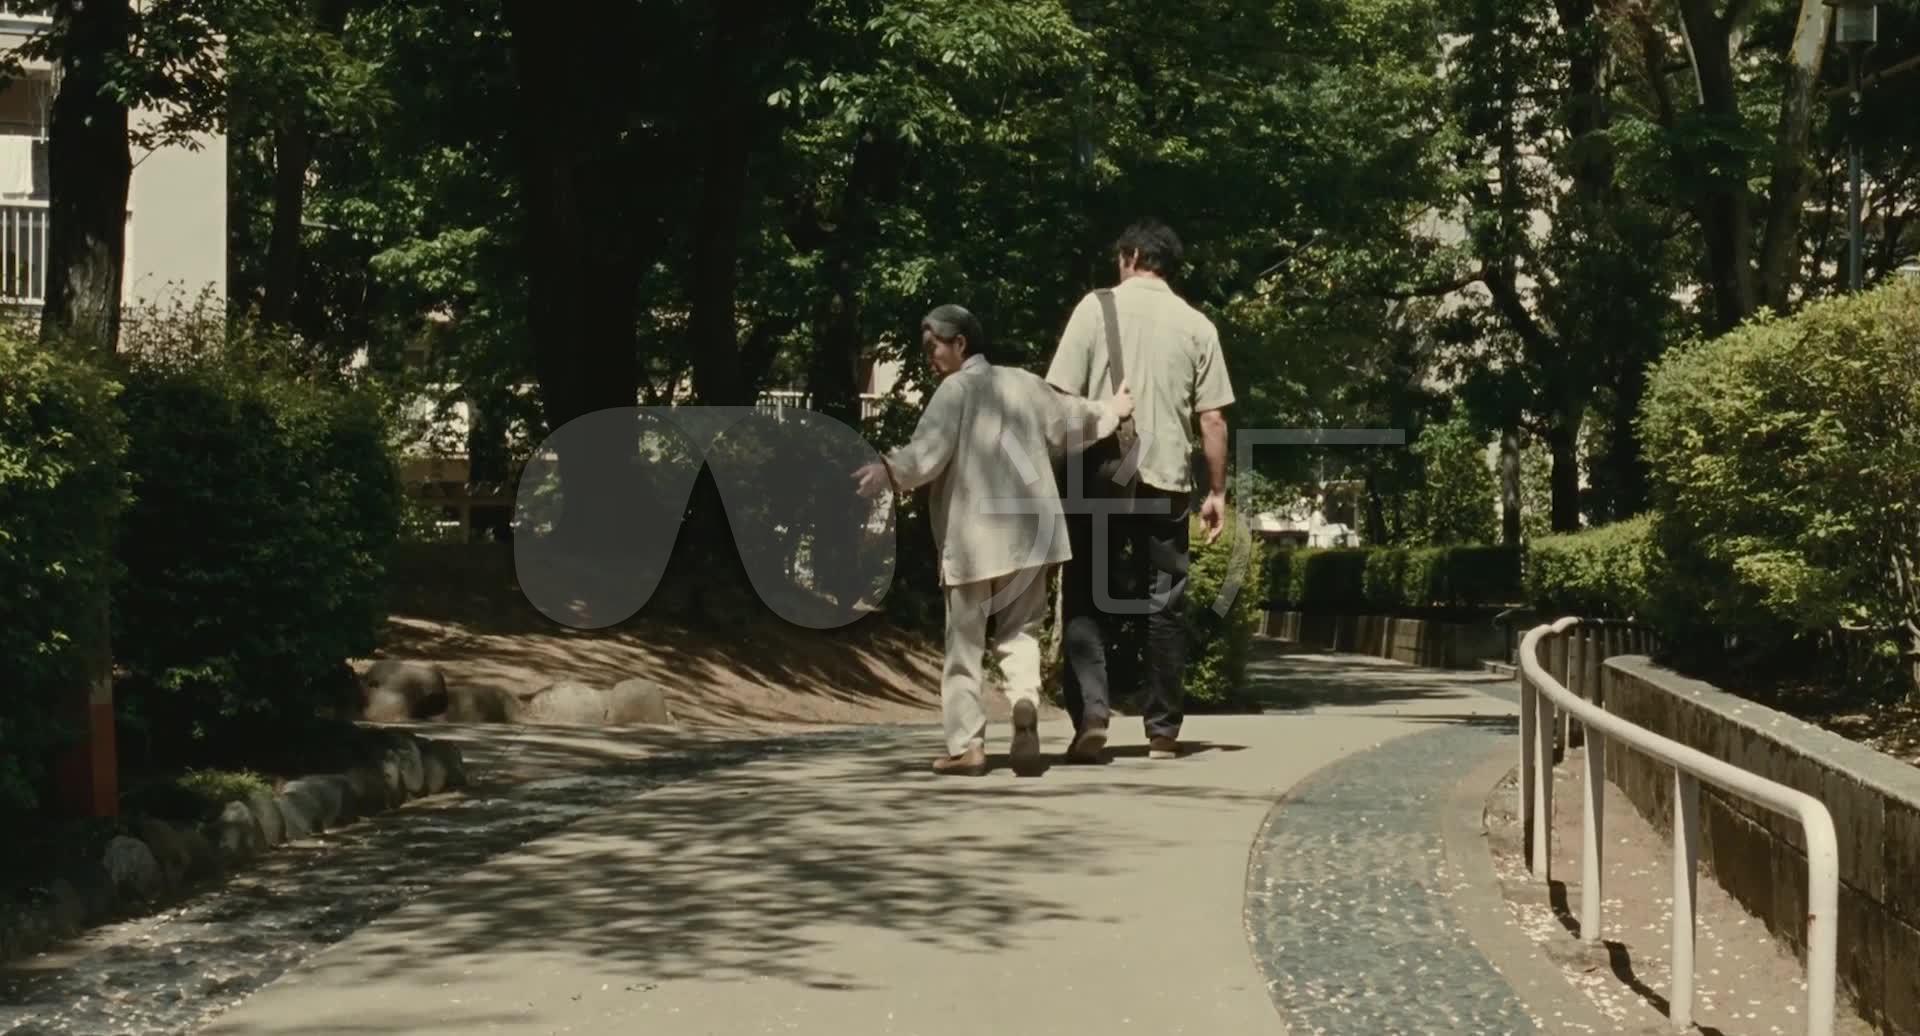 年迈的母亲和儿子在路上的背影